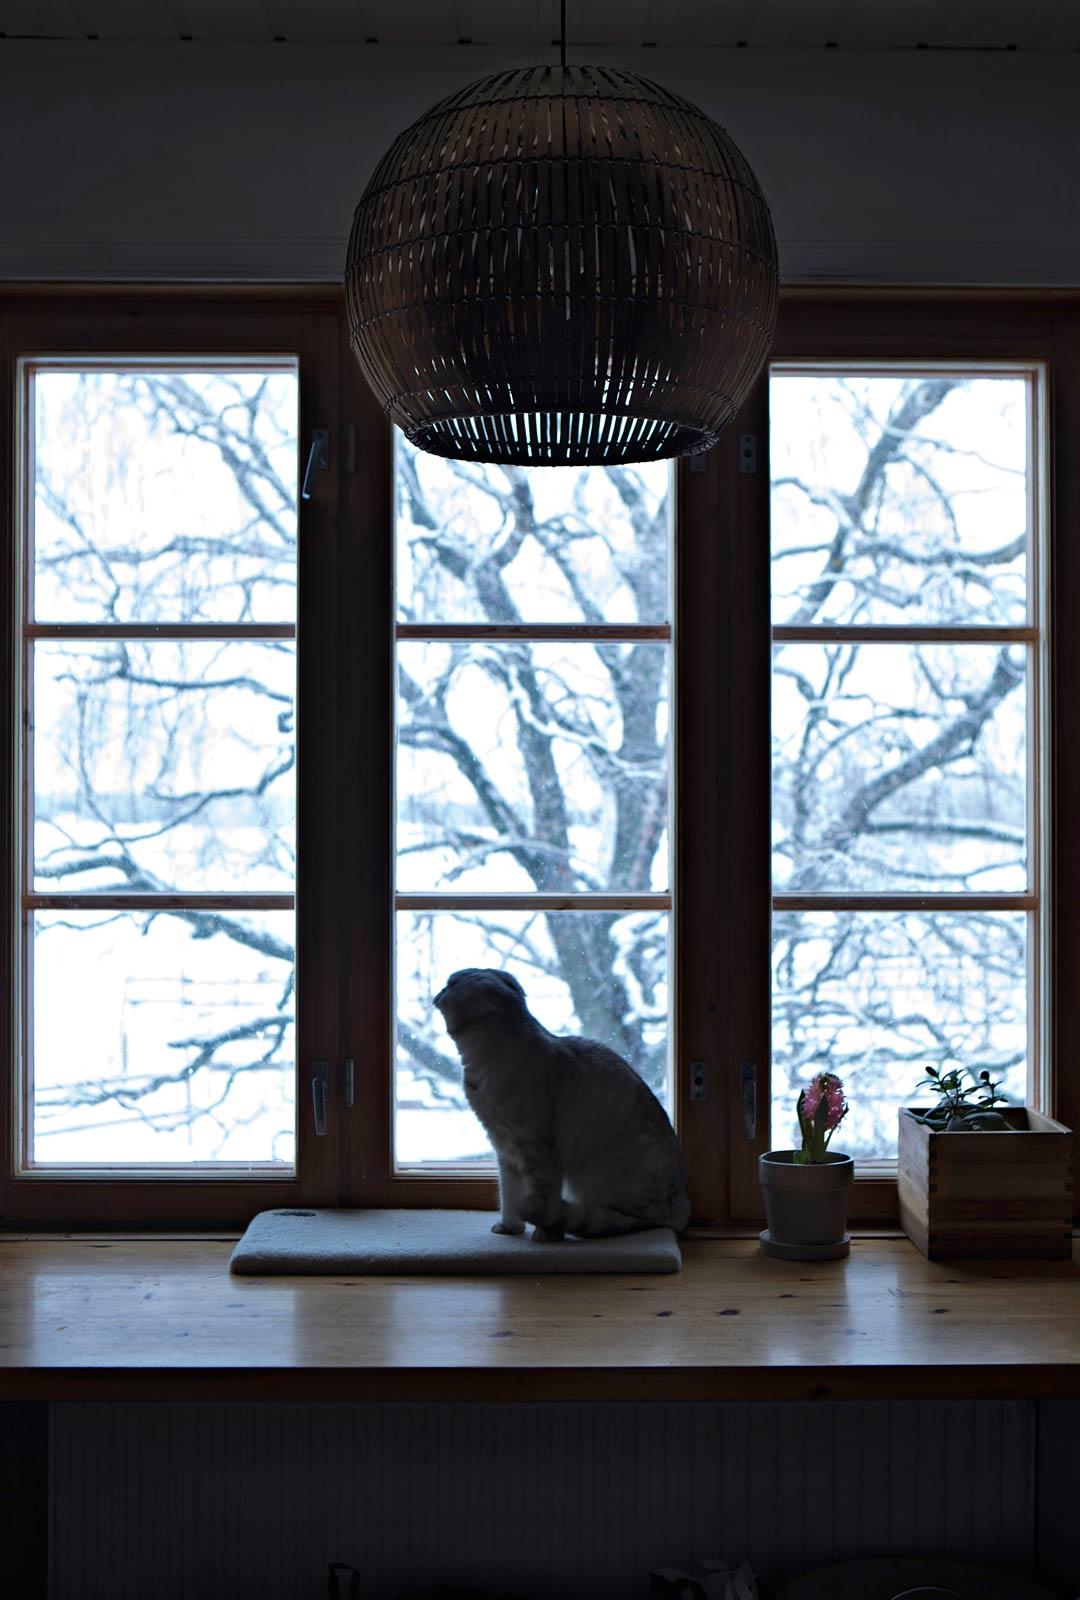 Irene seuraa hevosten käyskentelyä laitumella keittiön ikkunasta.